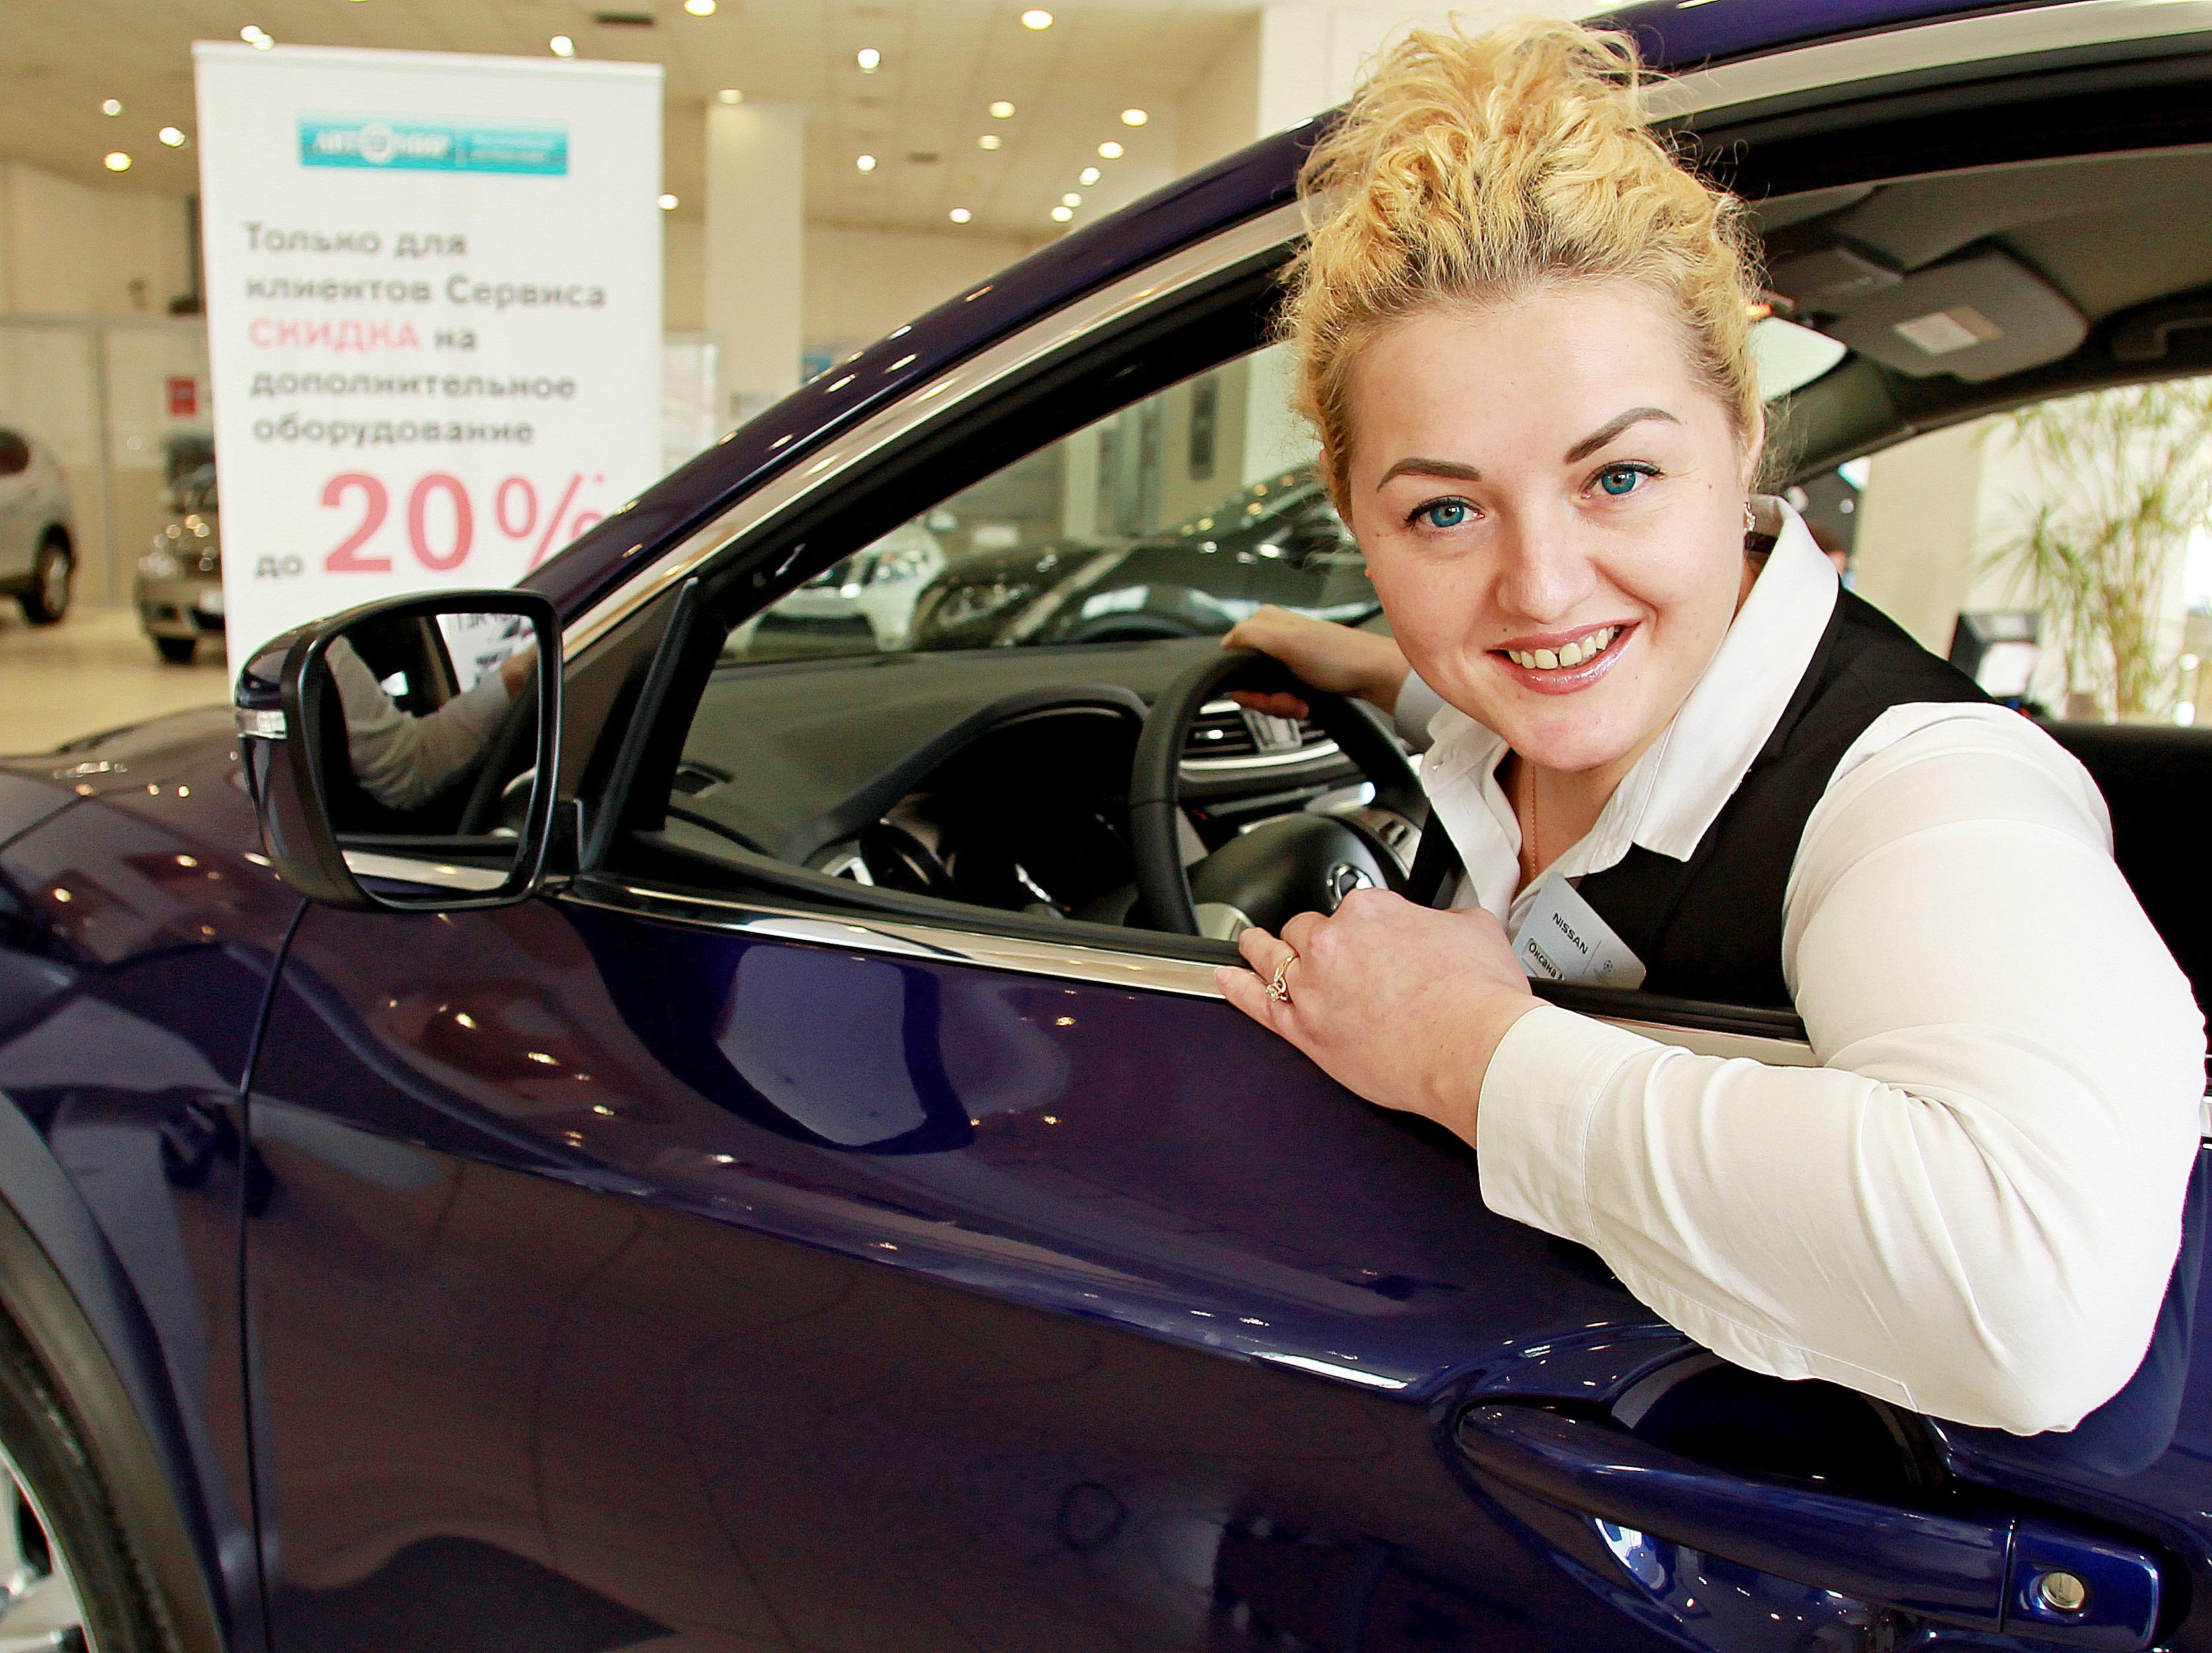 Россияне смогут регистрировать новые автомобили в салонах